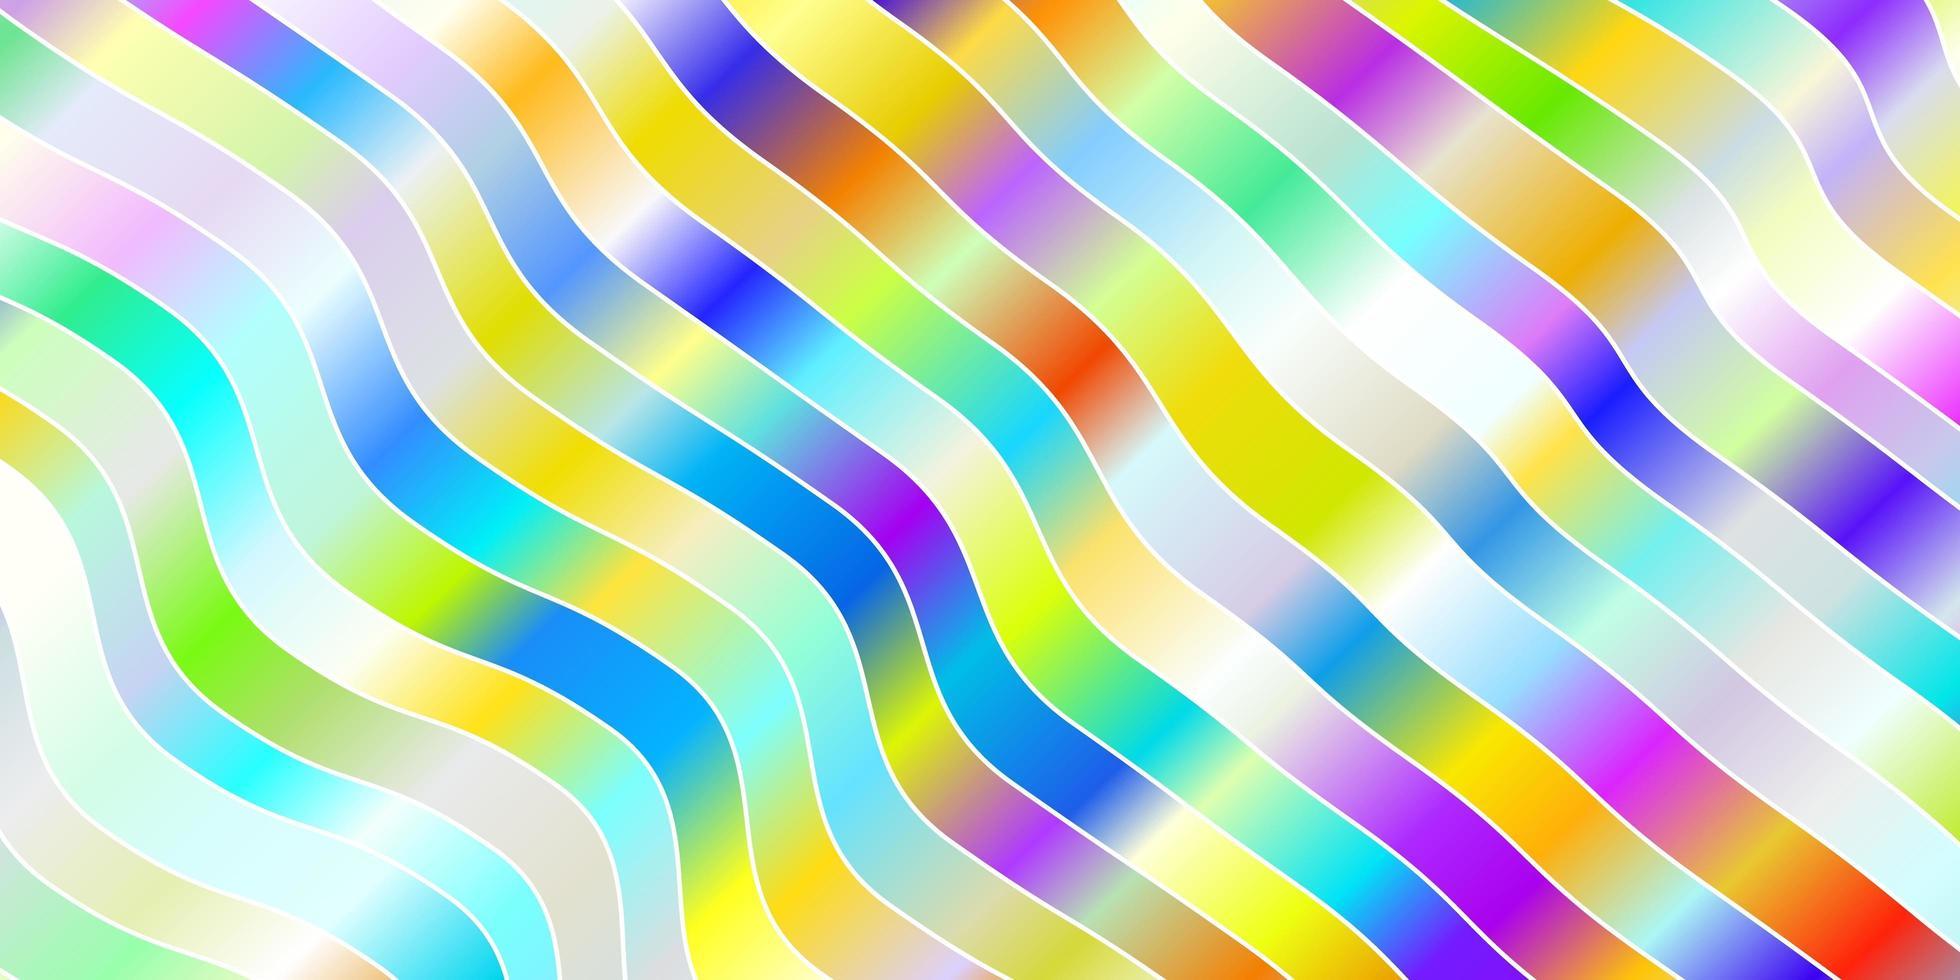 luz padrão multicolorido de vetor com linhas irônicas.